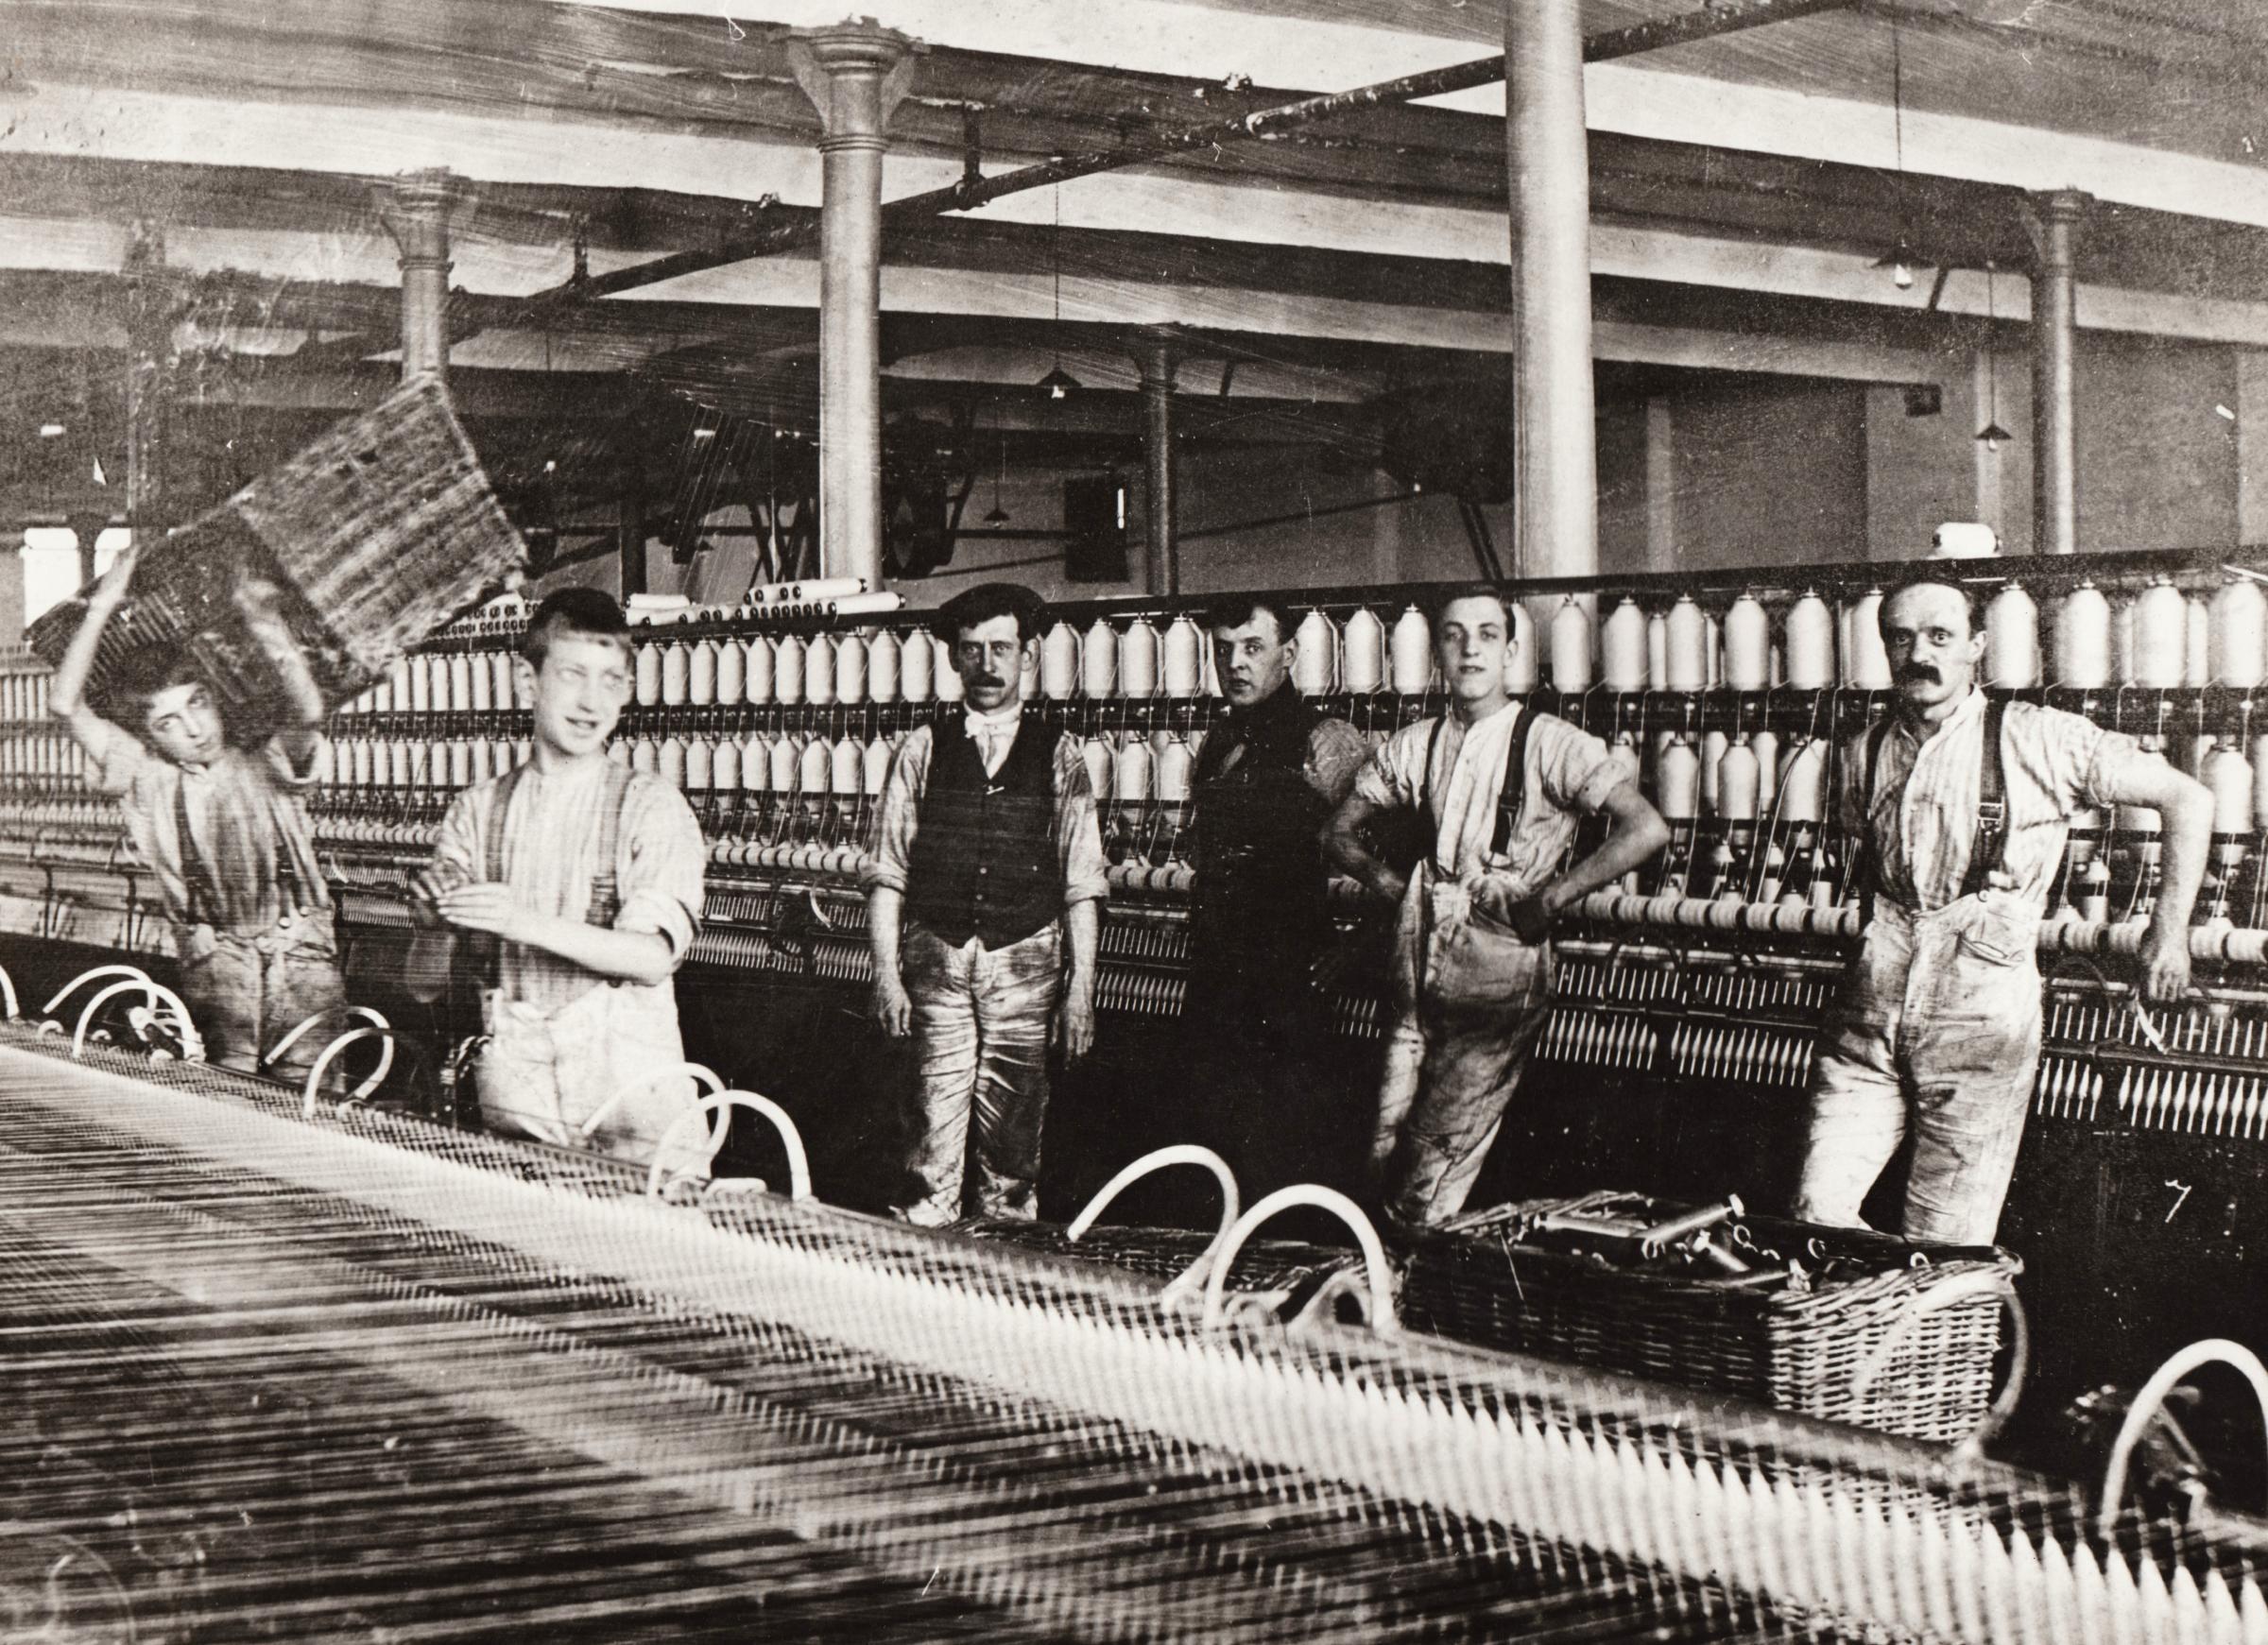 Inside a spinning mill